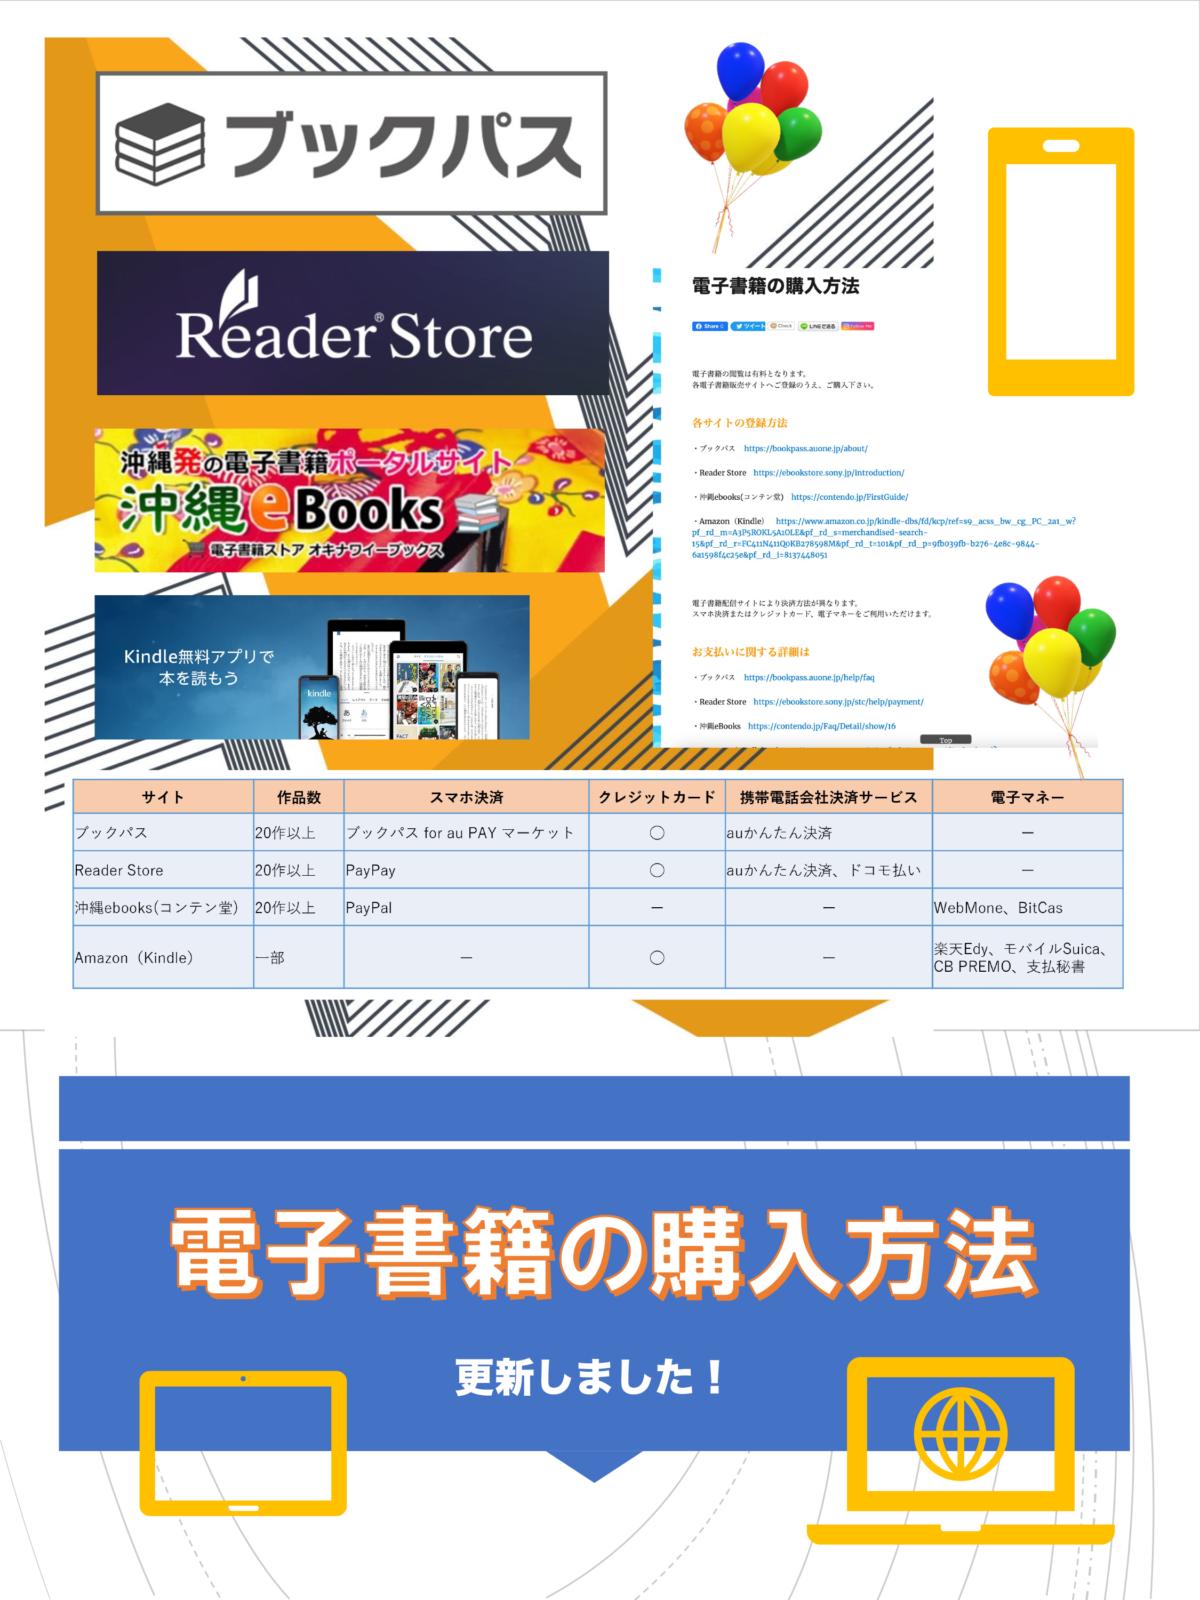 電子書籍の購入方法 更新しました!